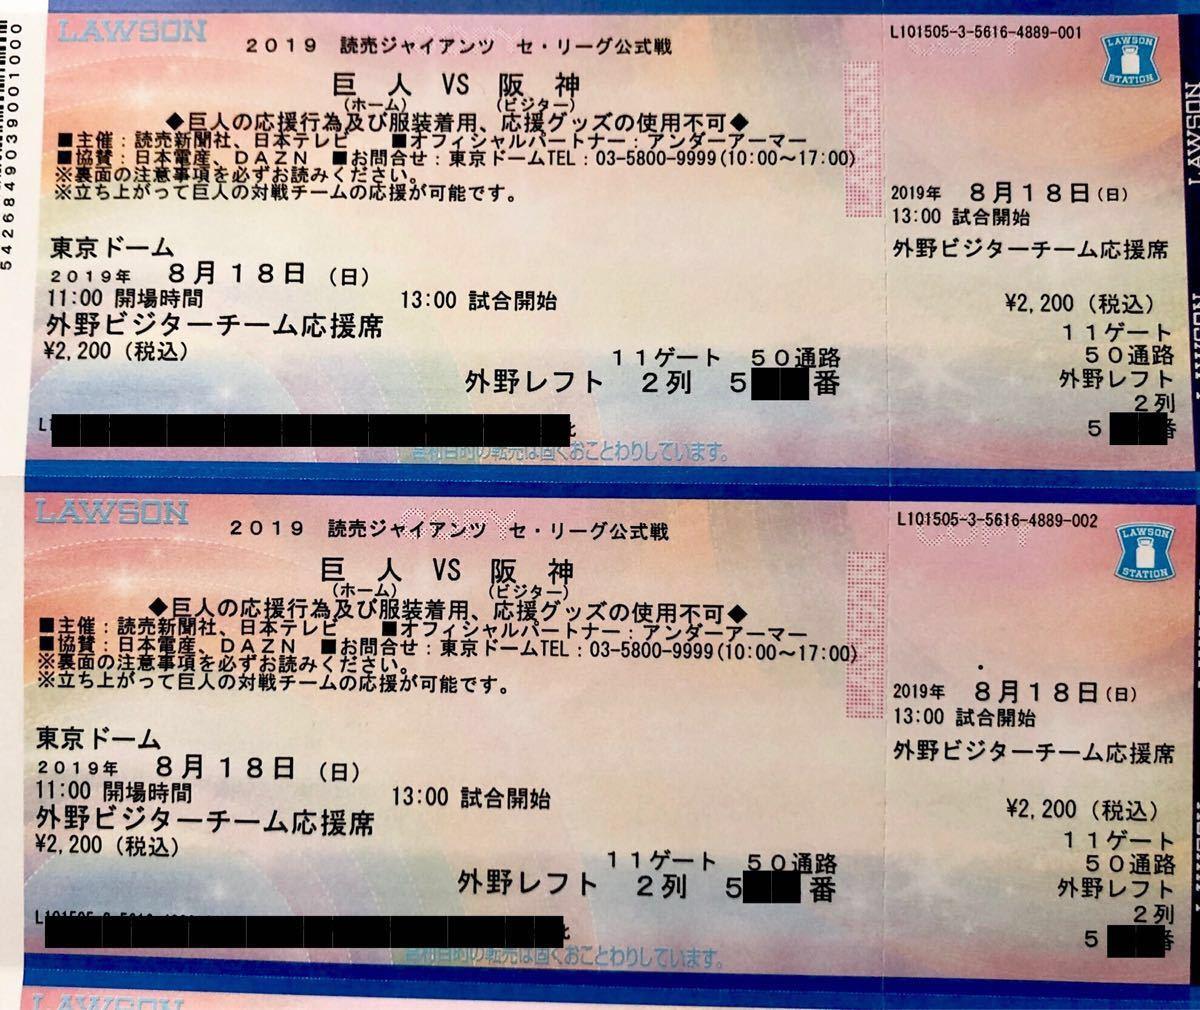 巨人vs阪神 東京ドーム 外野レフト2列目通路付近ペア 8/18(日)